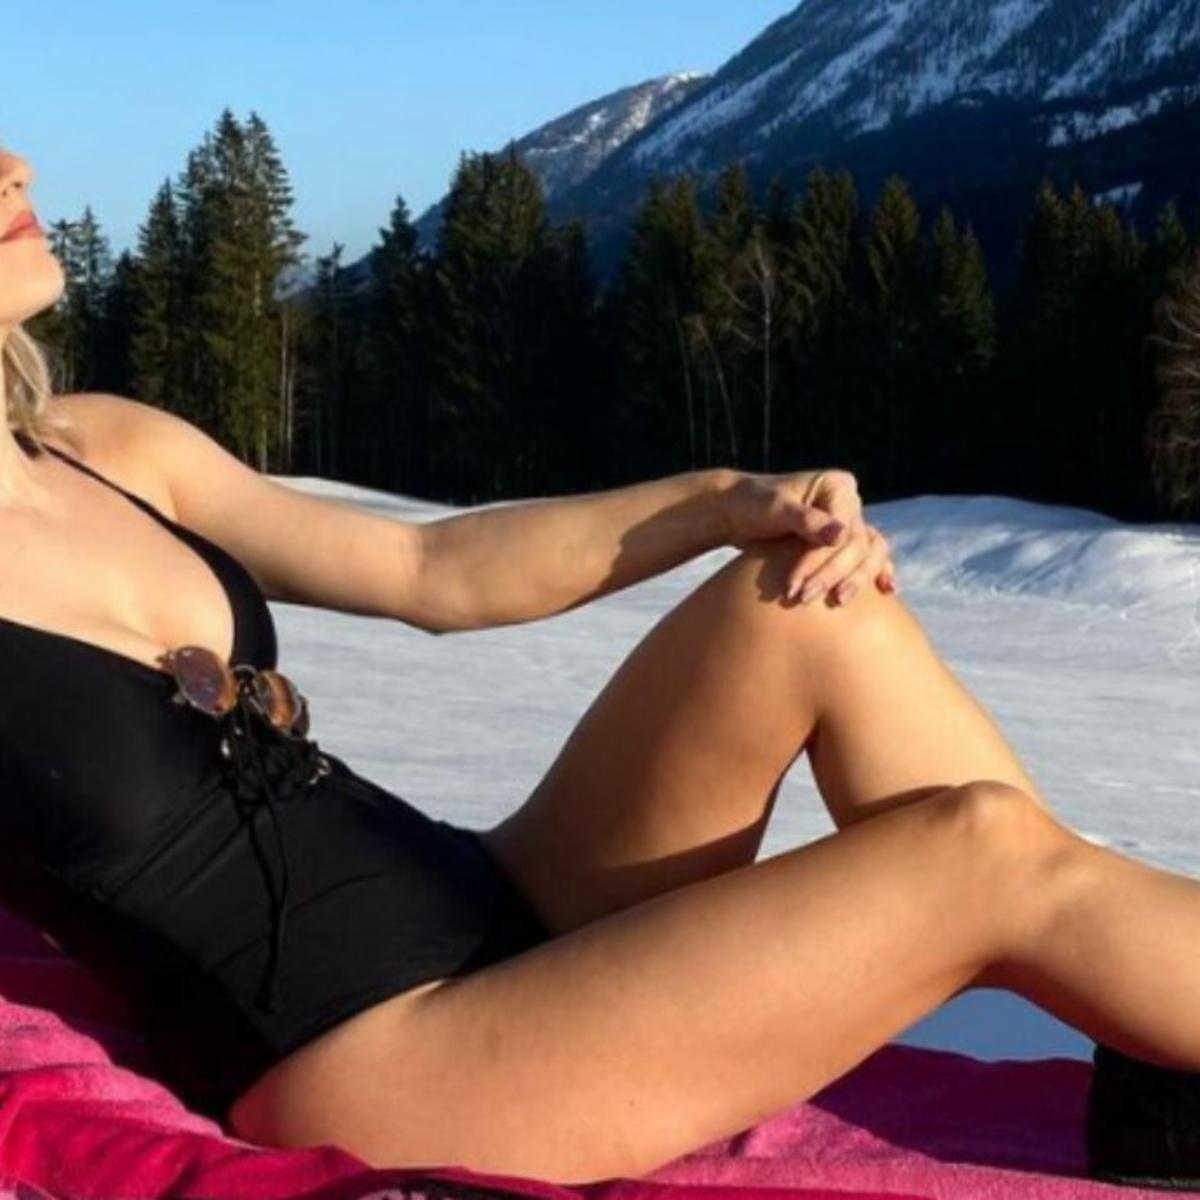 Melissa naschenweng nackt